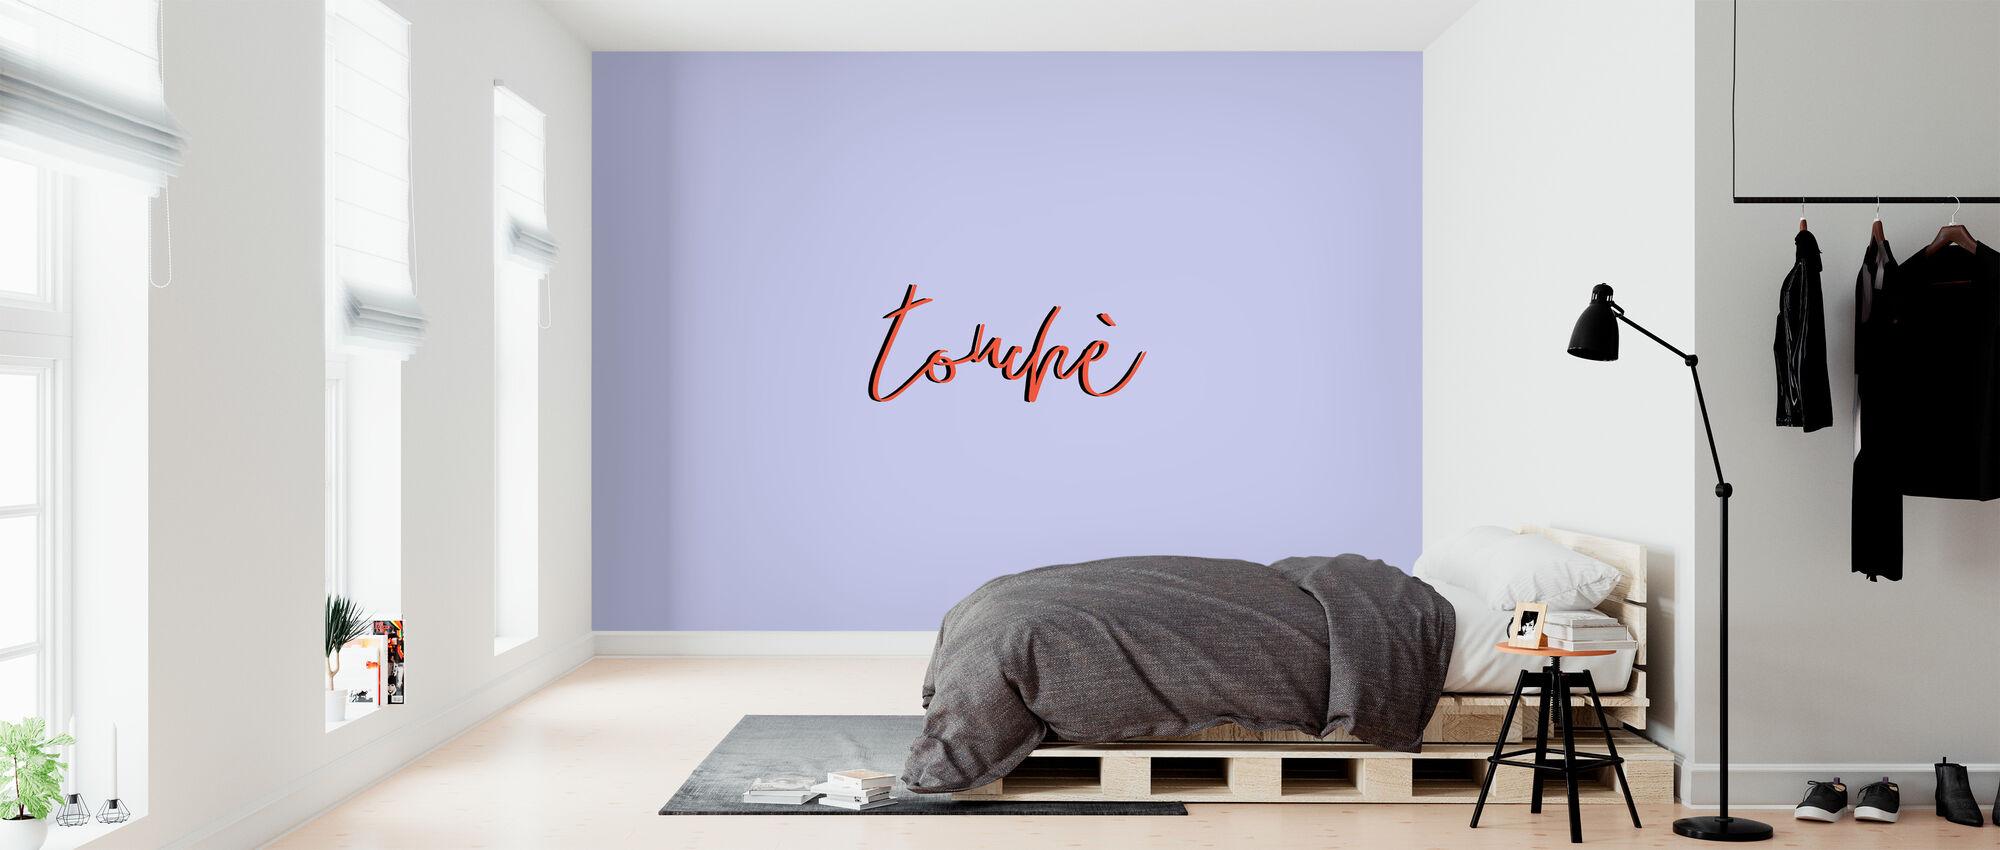 Touche - Wallpaper - Bedroom